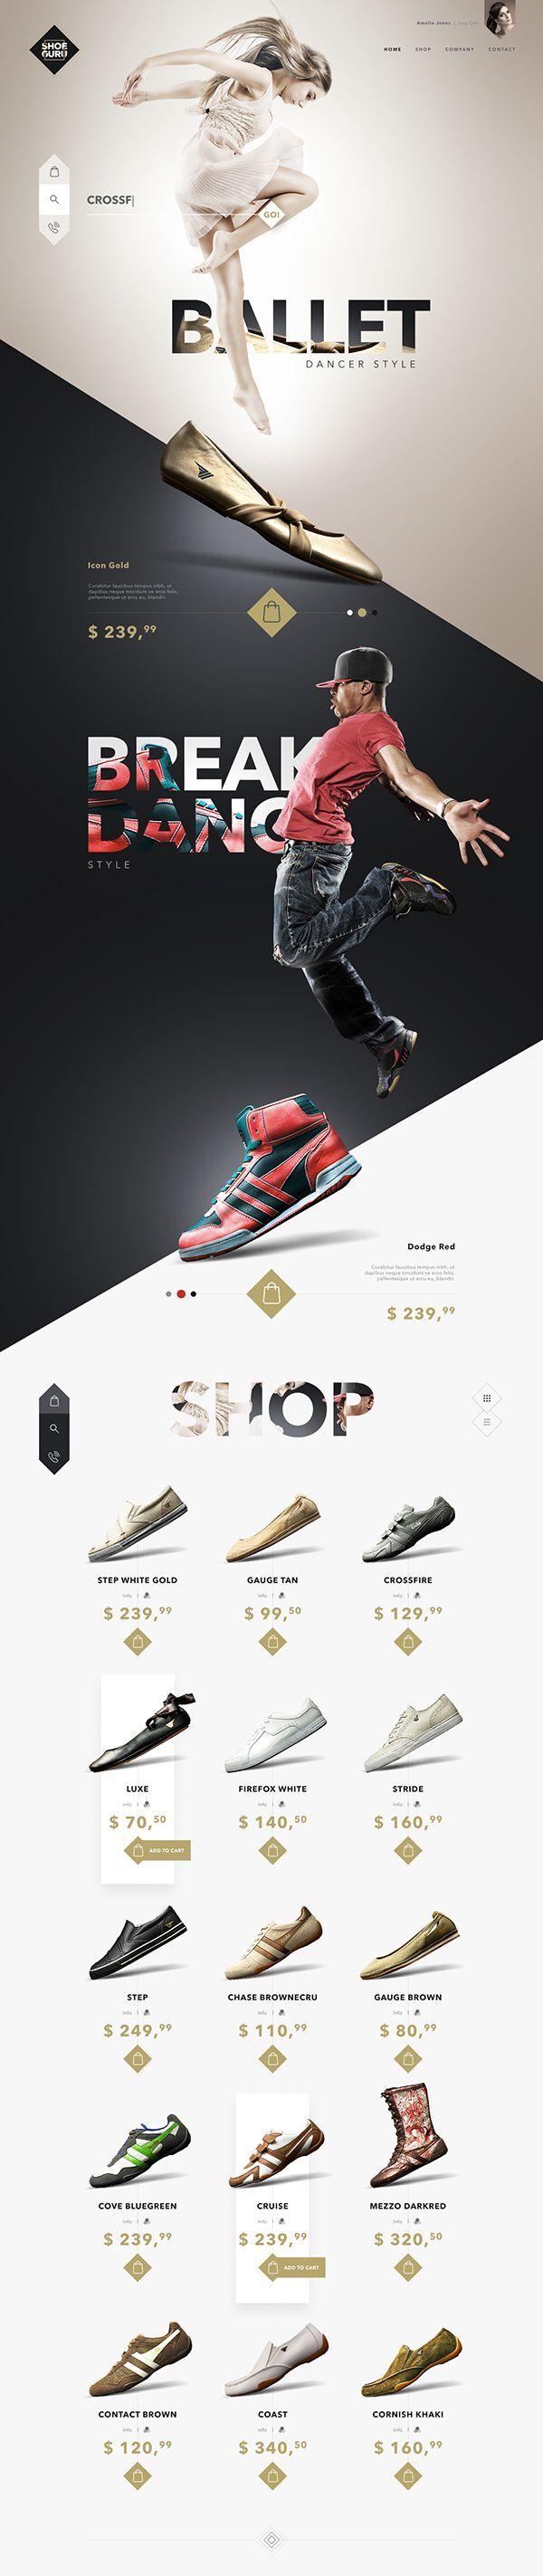 Shoe Guru Web Design